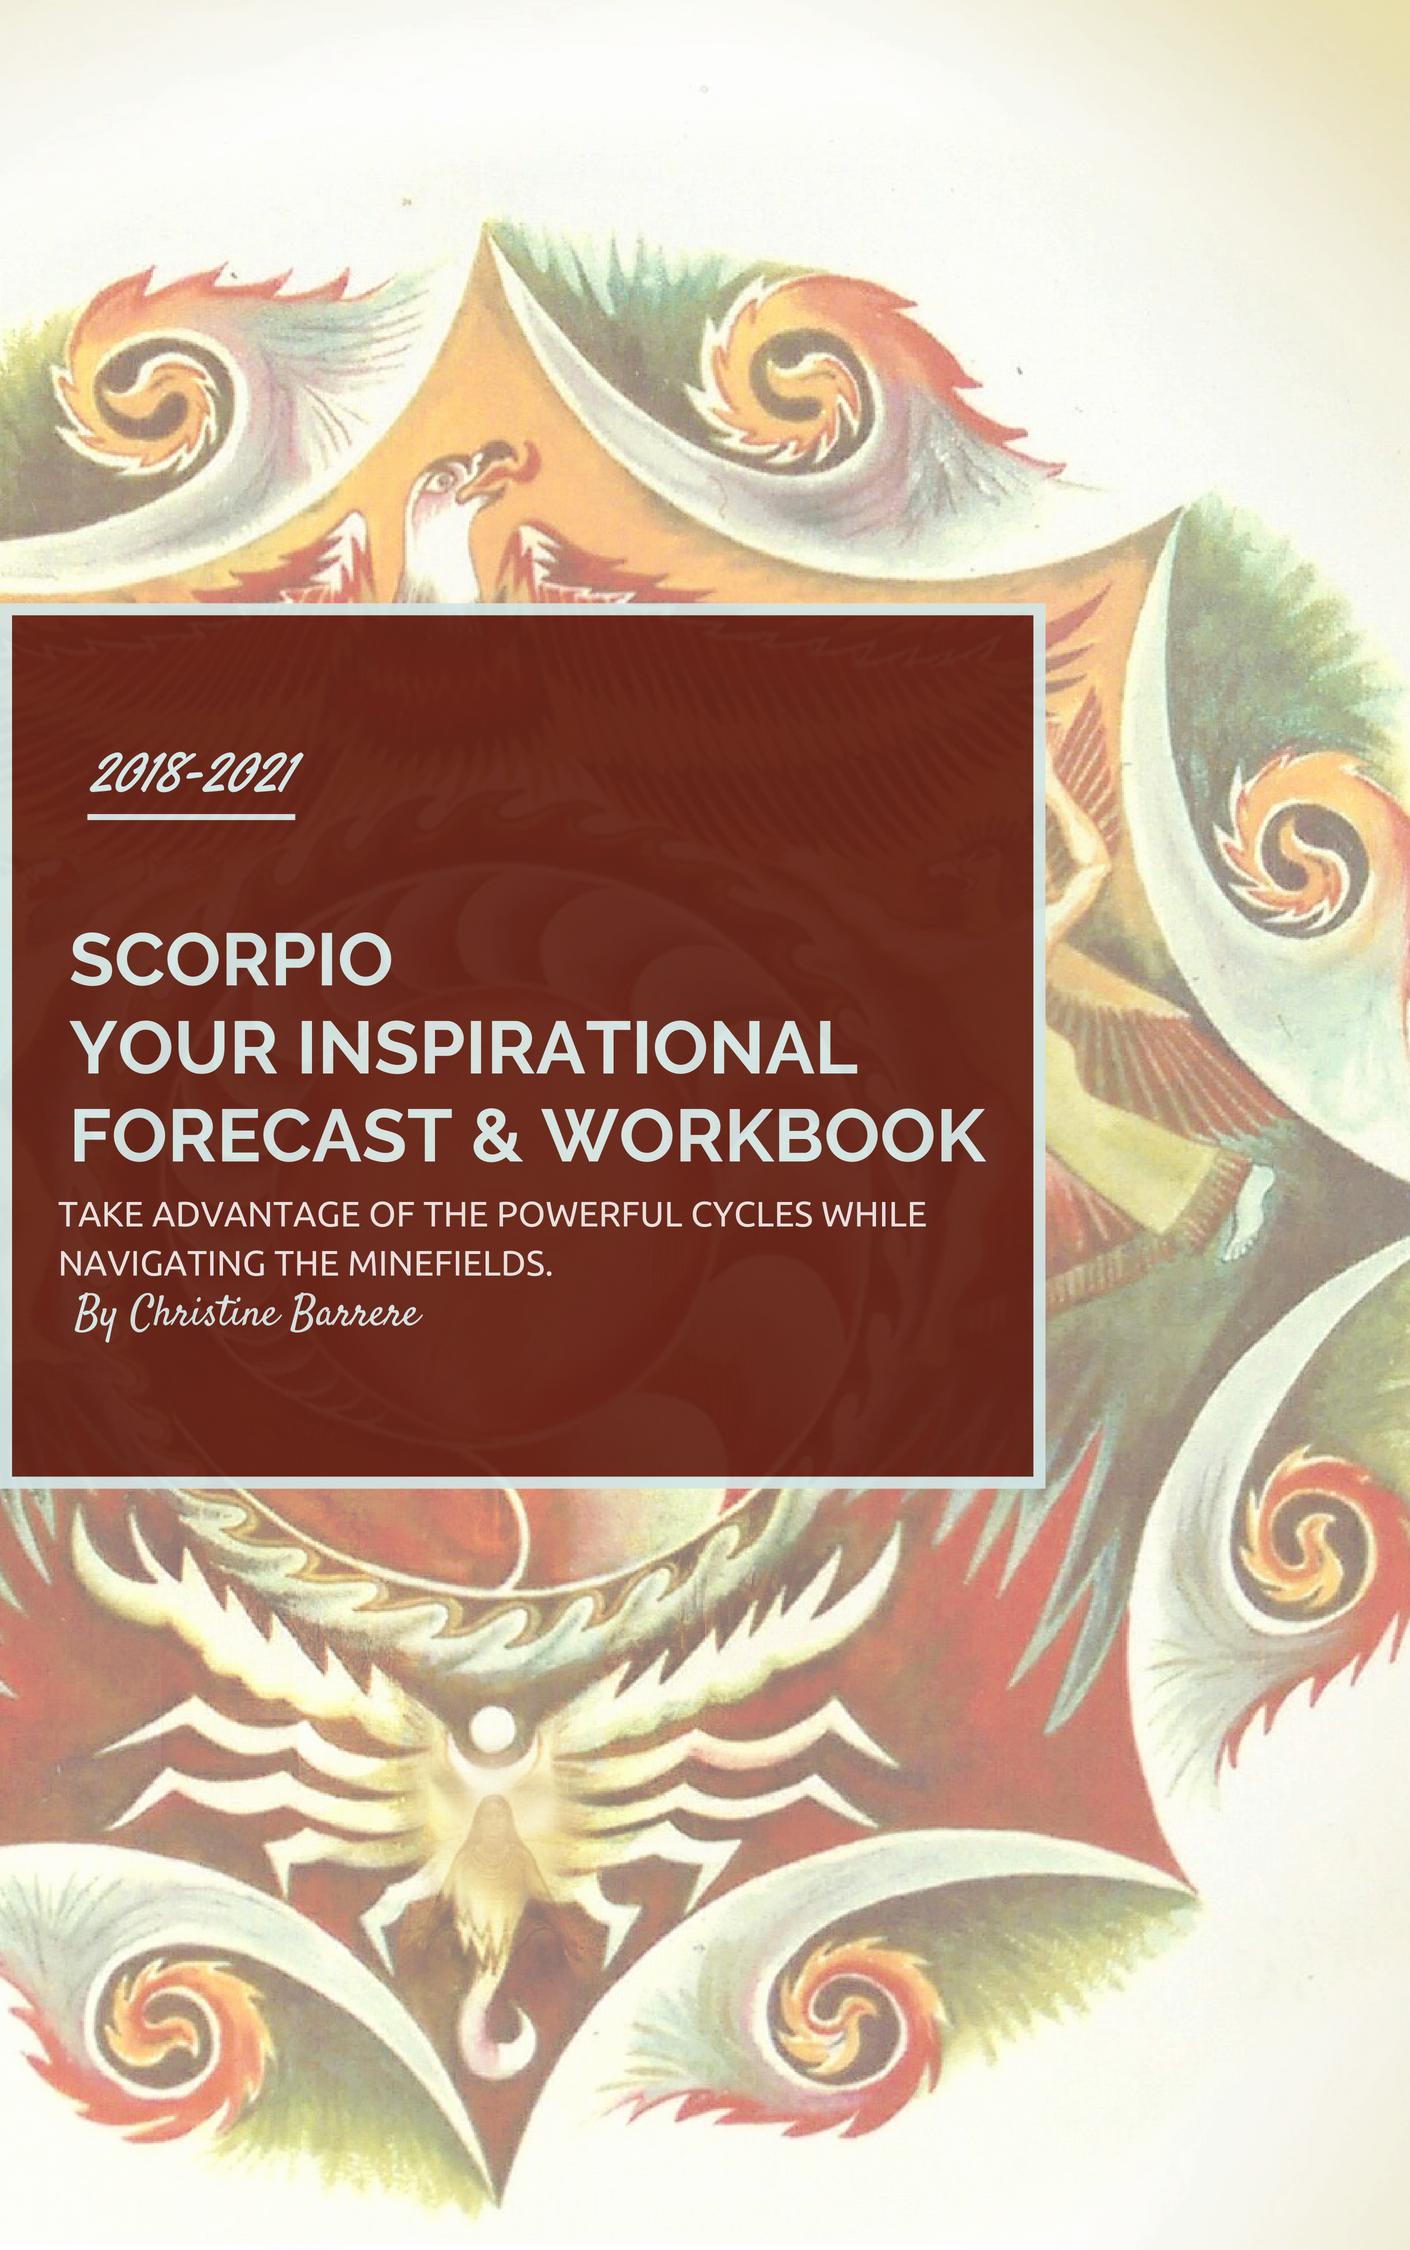 Scorpio Forecast 2018-2021